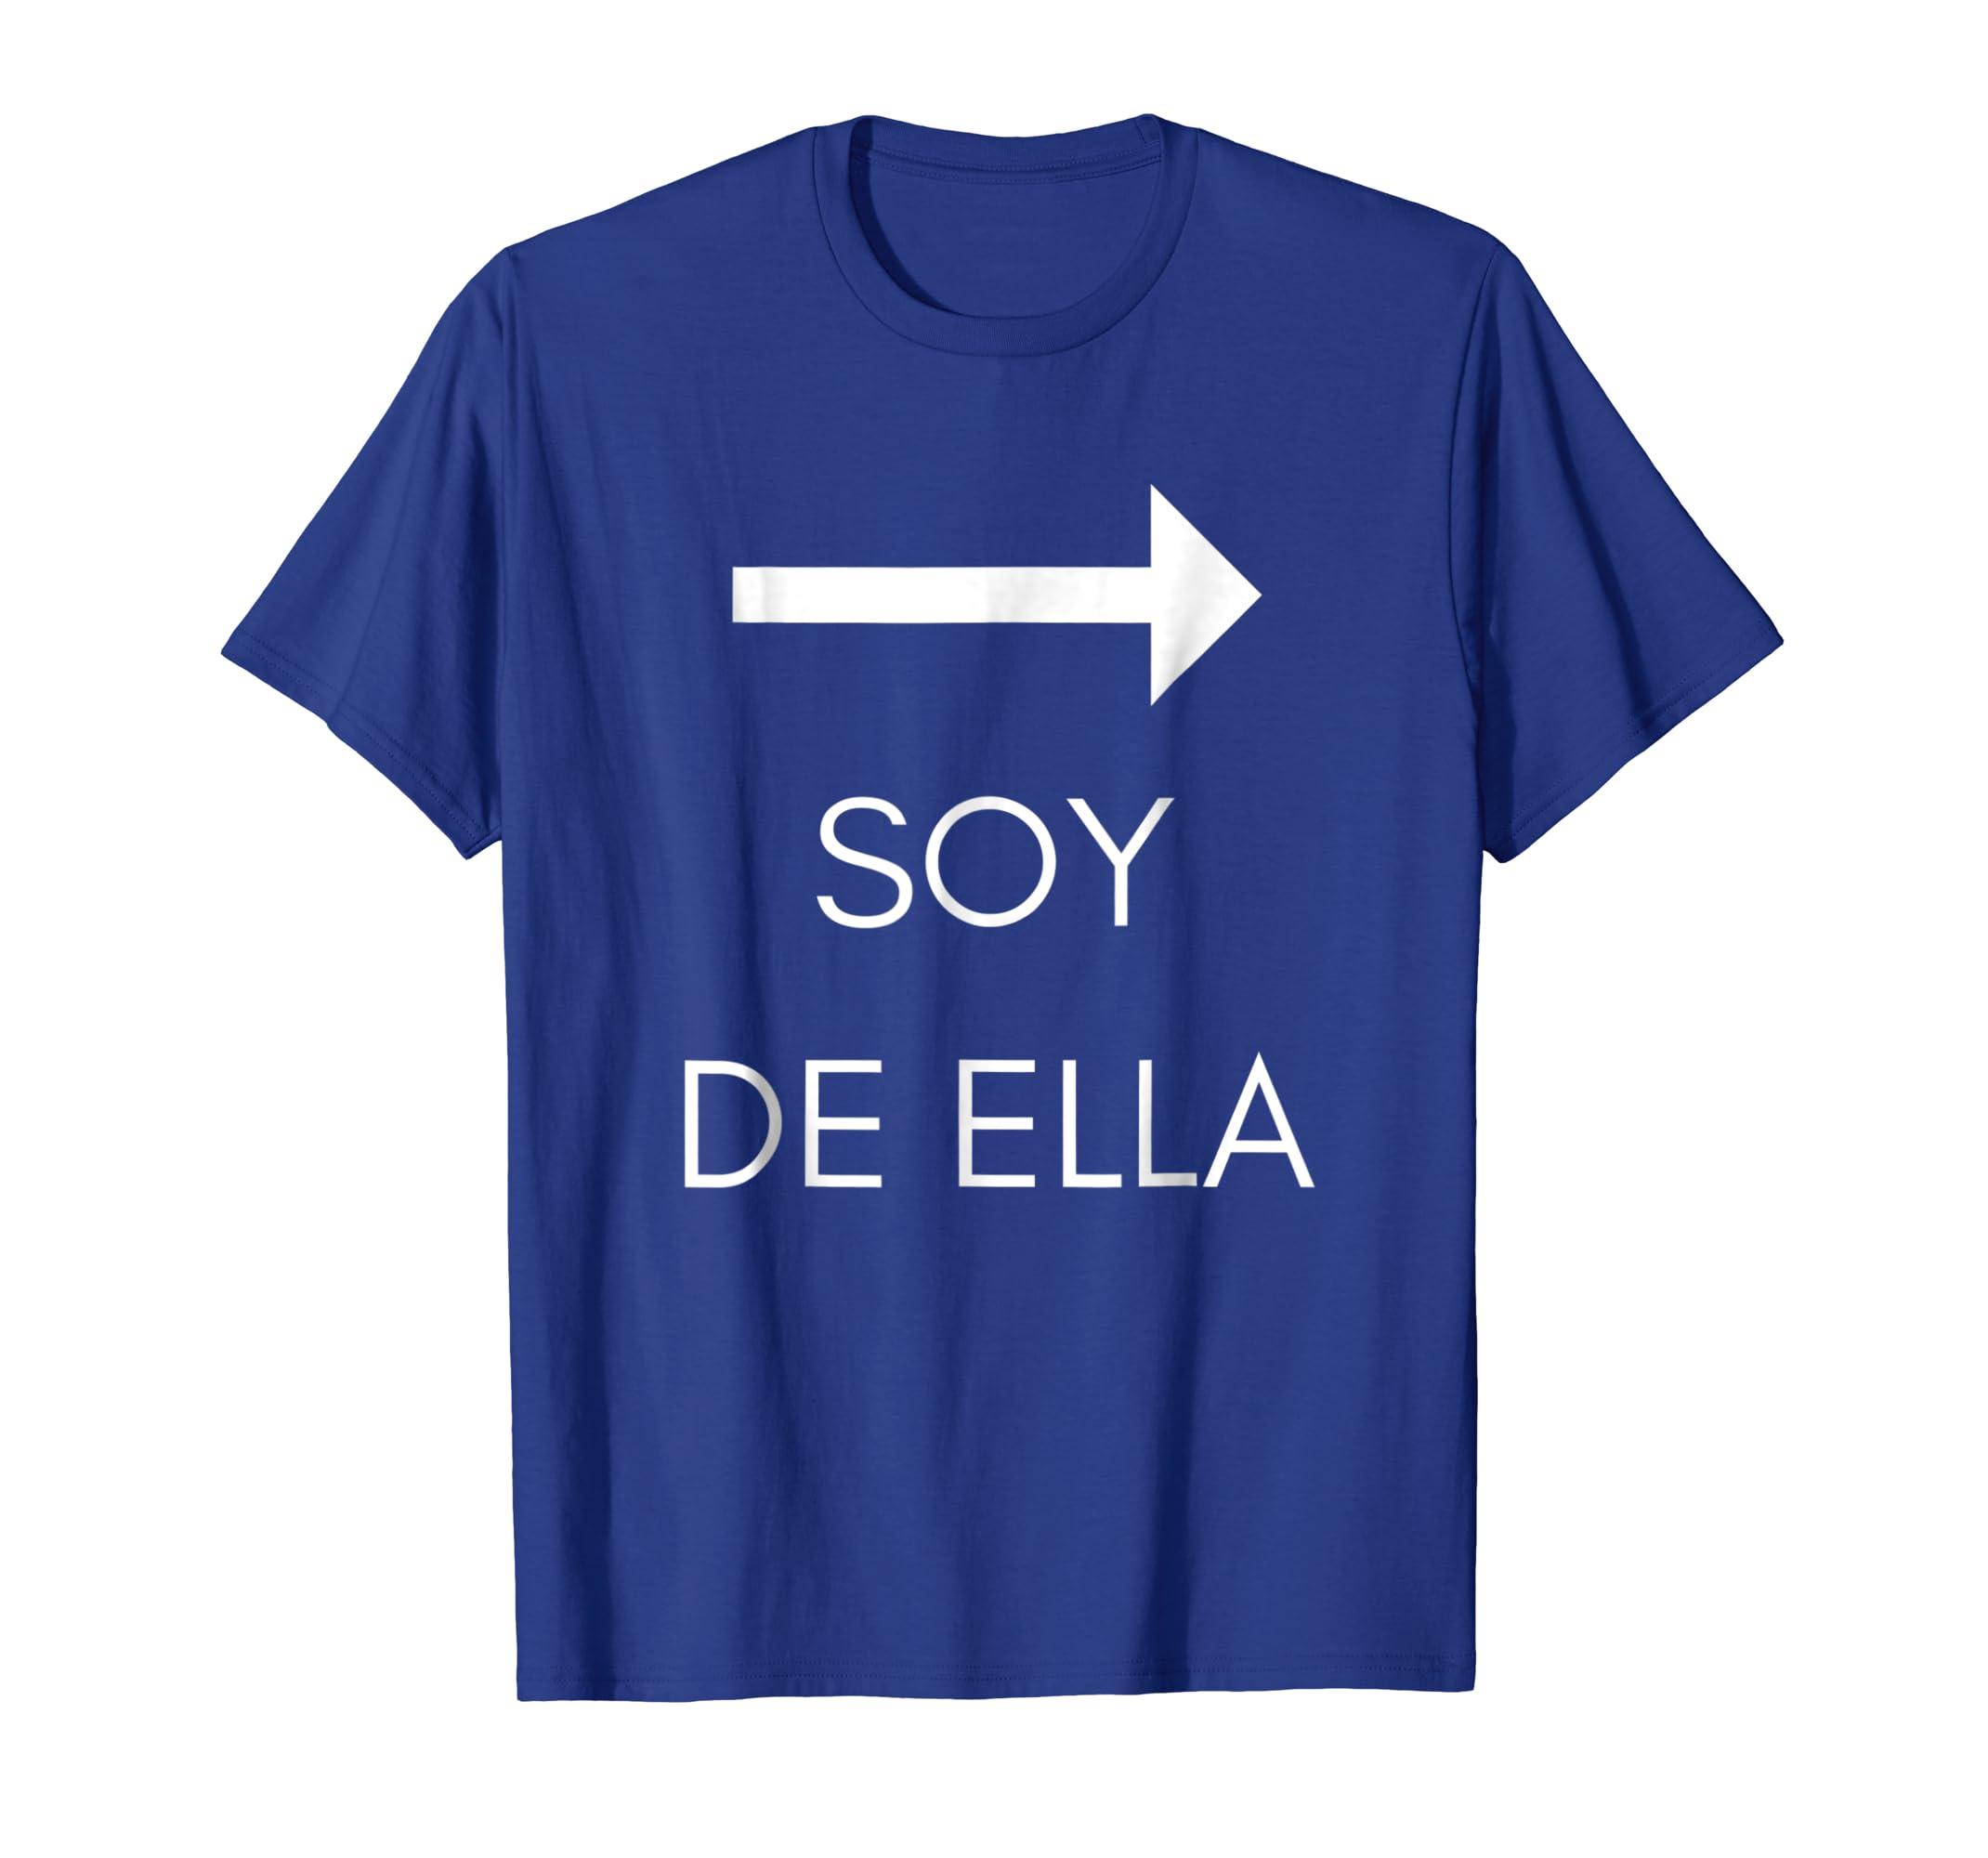 Amazon.com: Mens Playeras para Parejas - Camiseta para Parejas para El: Clothing